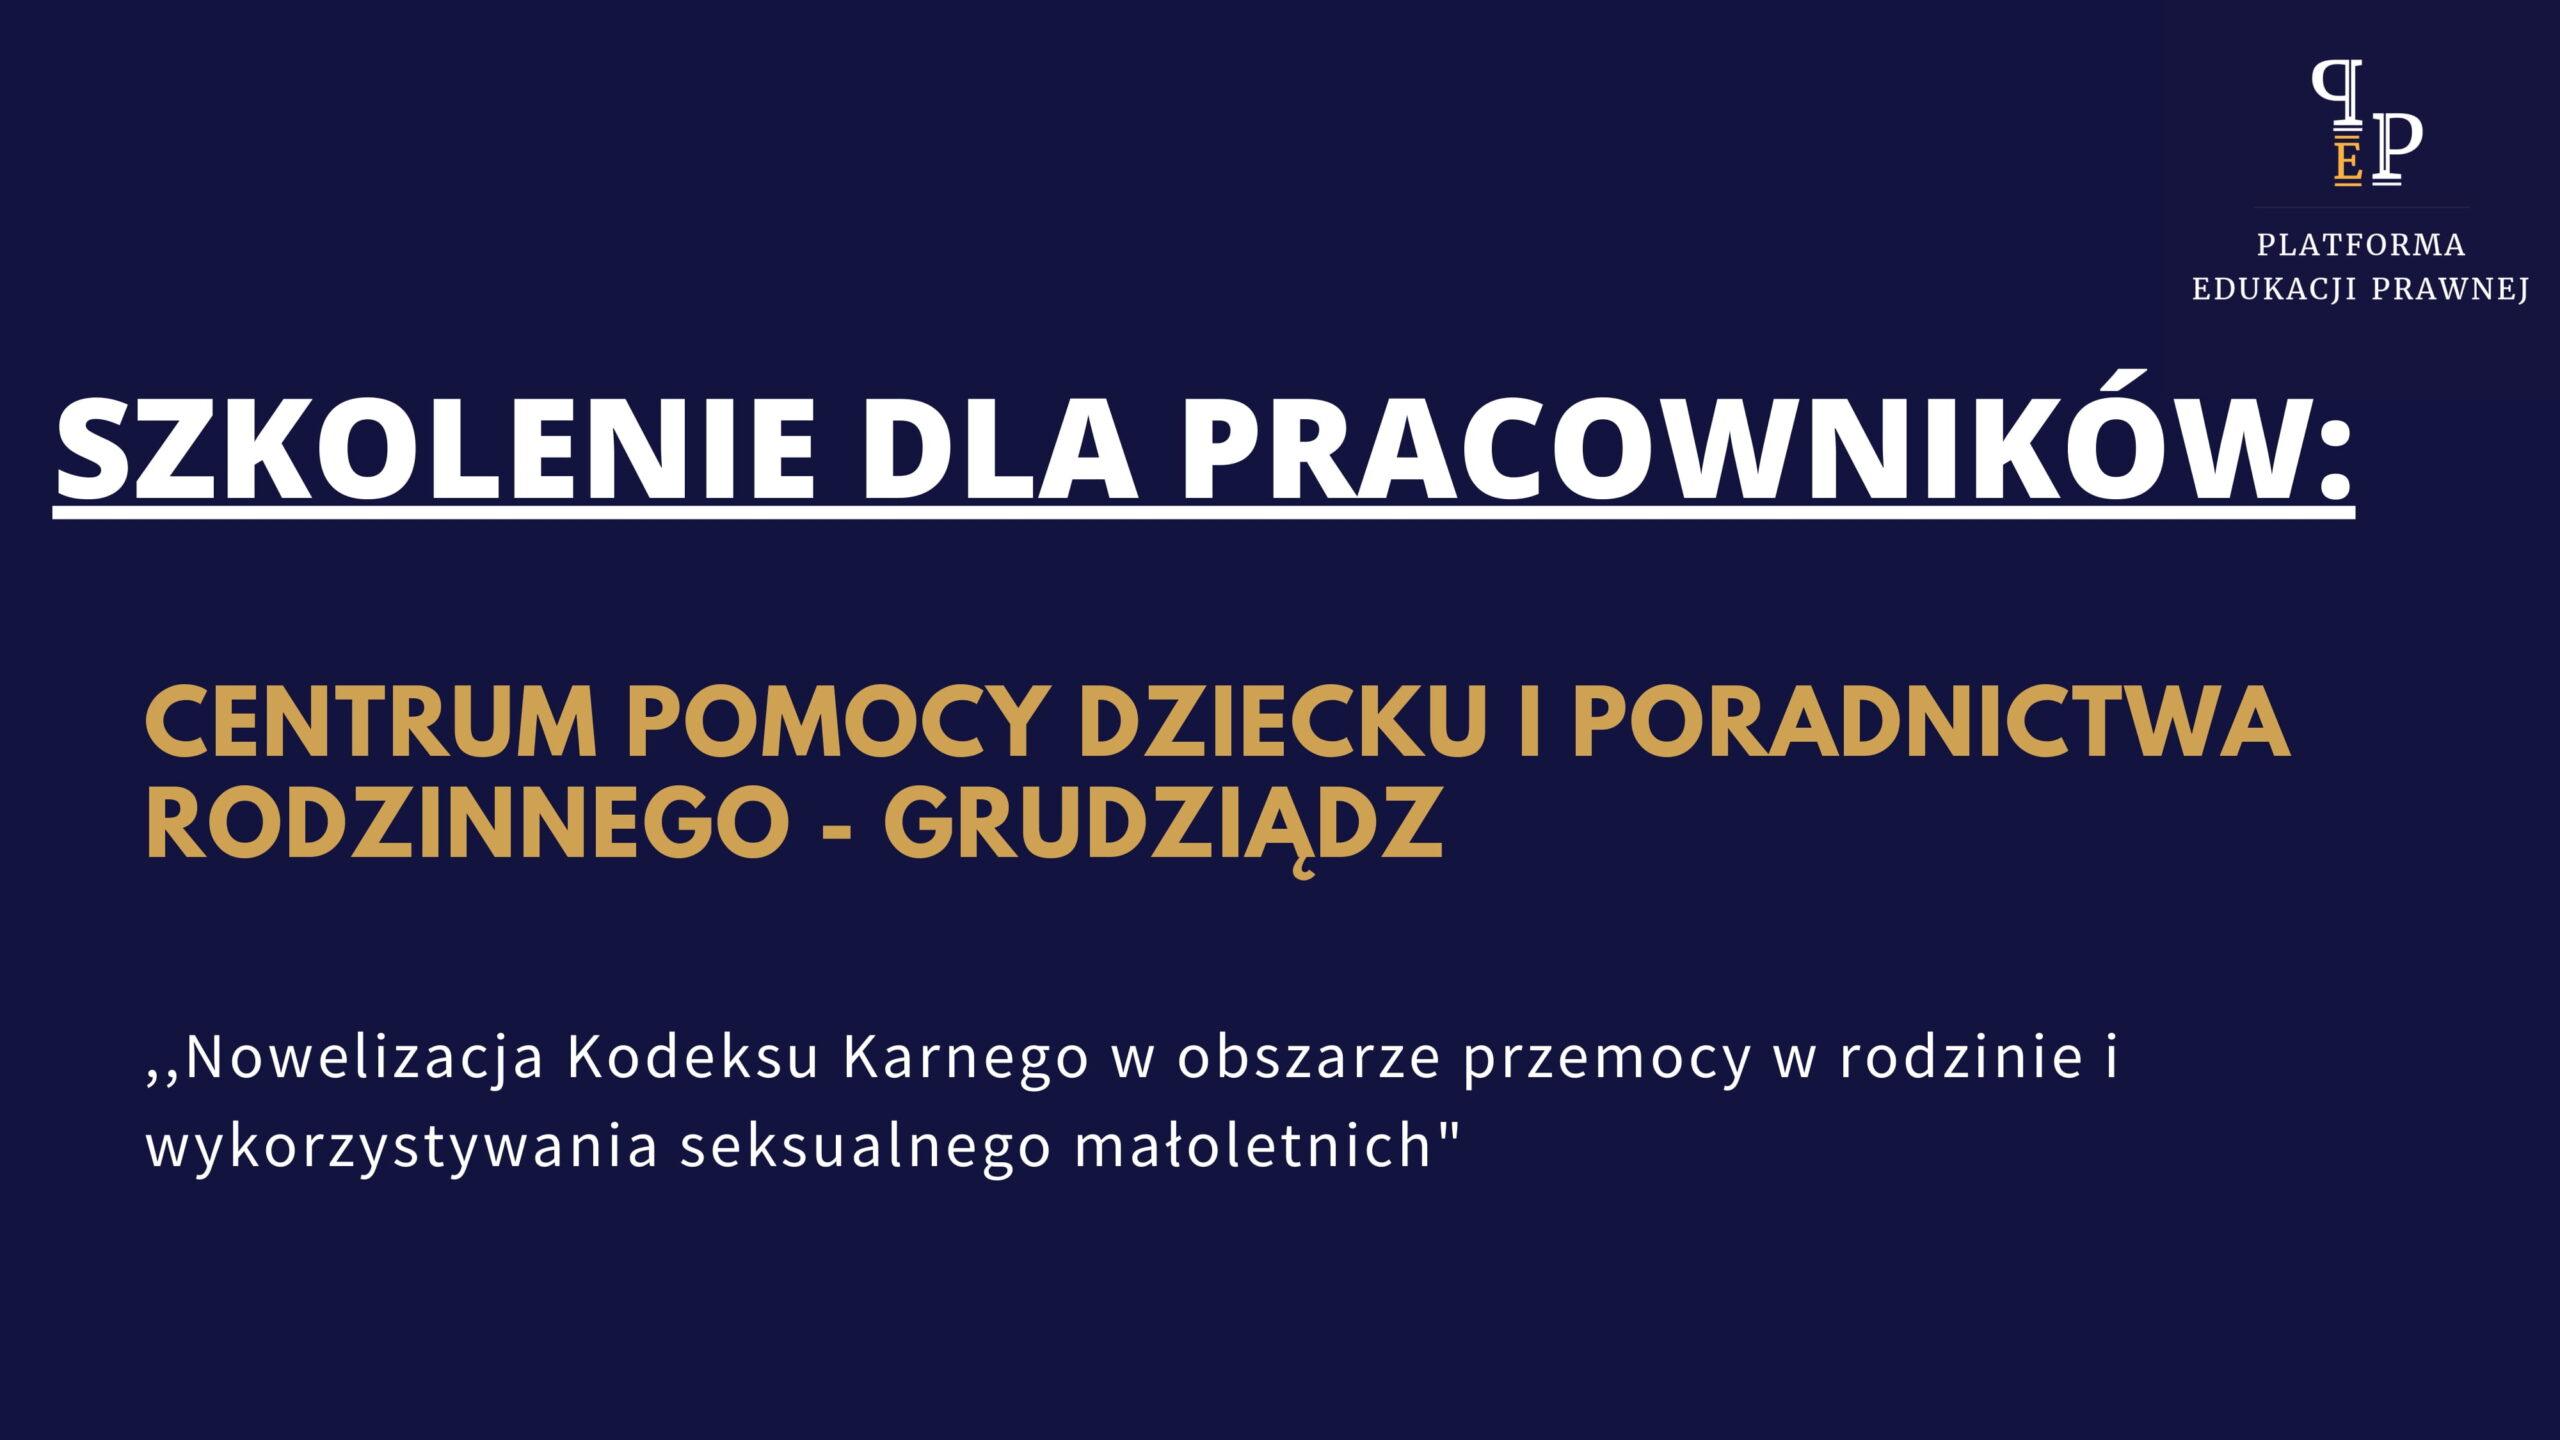 nowelizacja_kodeksu_karnego_w_obszarze_przemocy_w_rodzinie_i_wykorzystywania_seksualnego_małoletnich